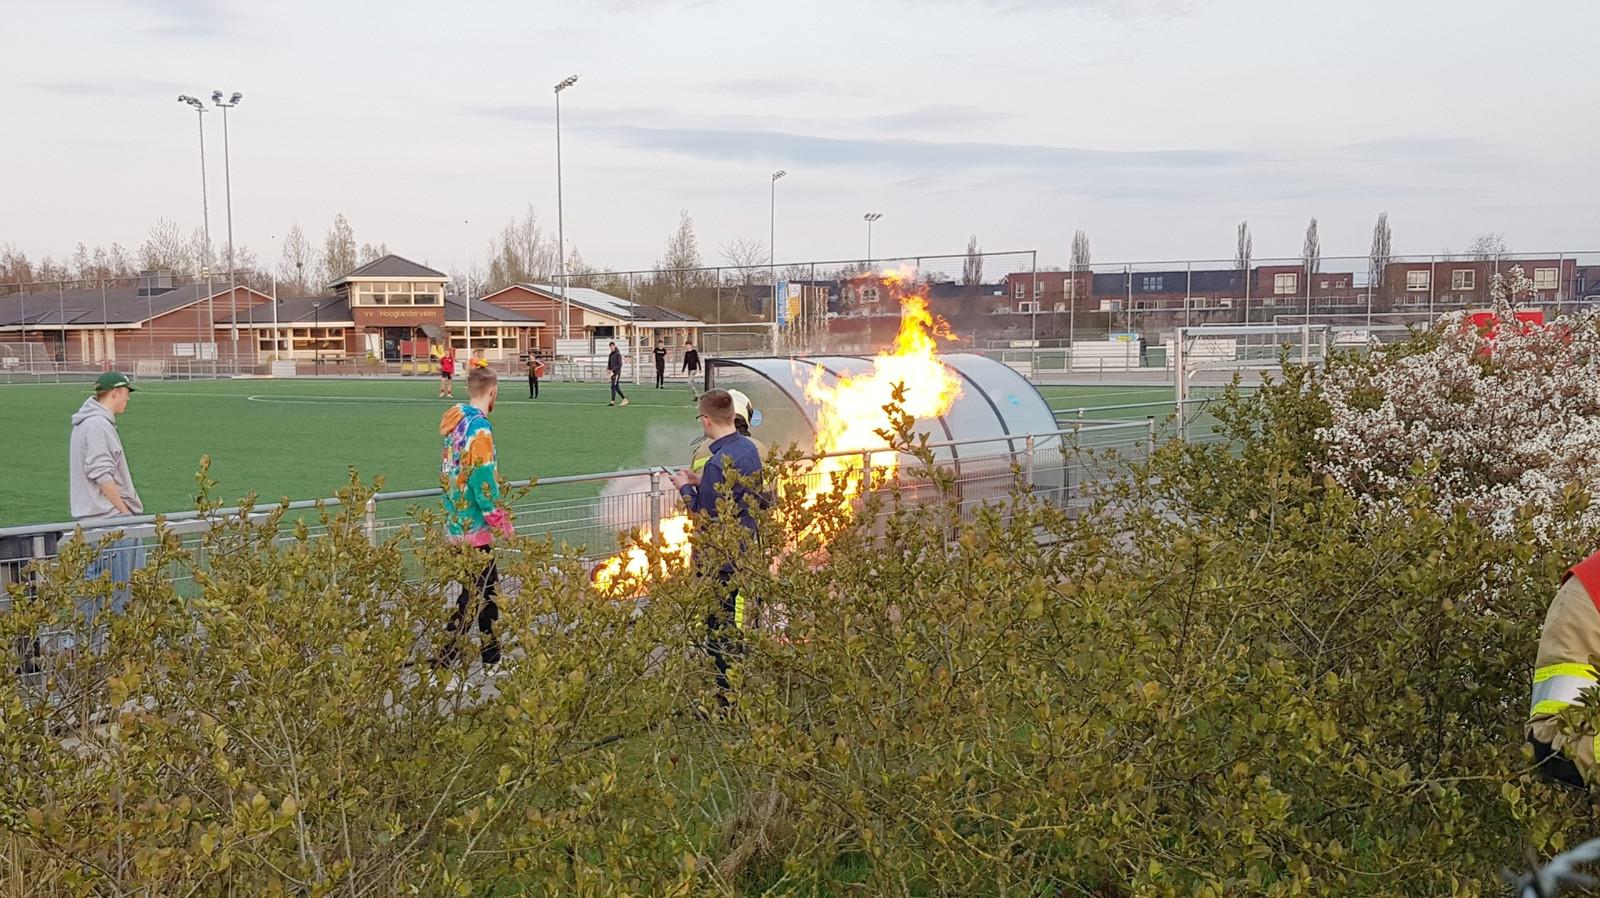 Vandalen hebben vernielingen aangericht bij Hooglanderveen en brand gesticht. De jongens op de foto zijn niet de daders, ze hebben geholpen met blussen.